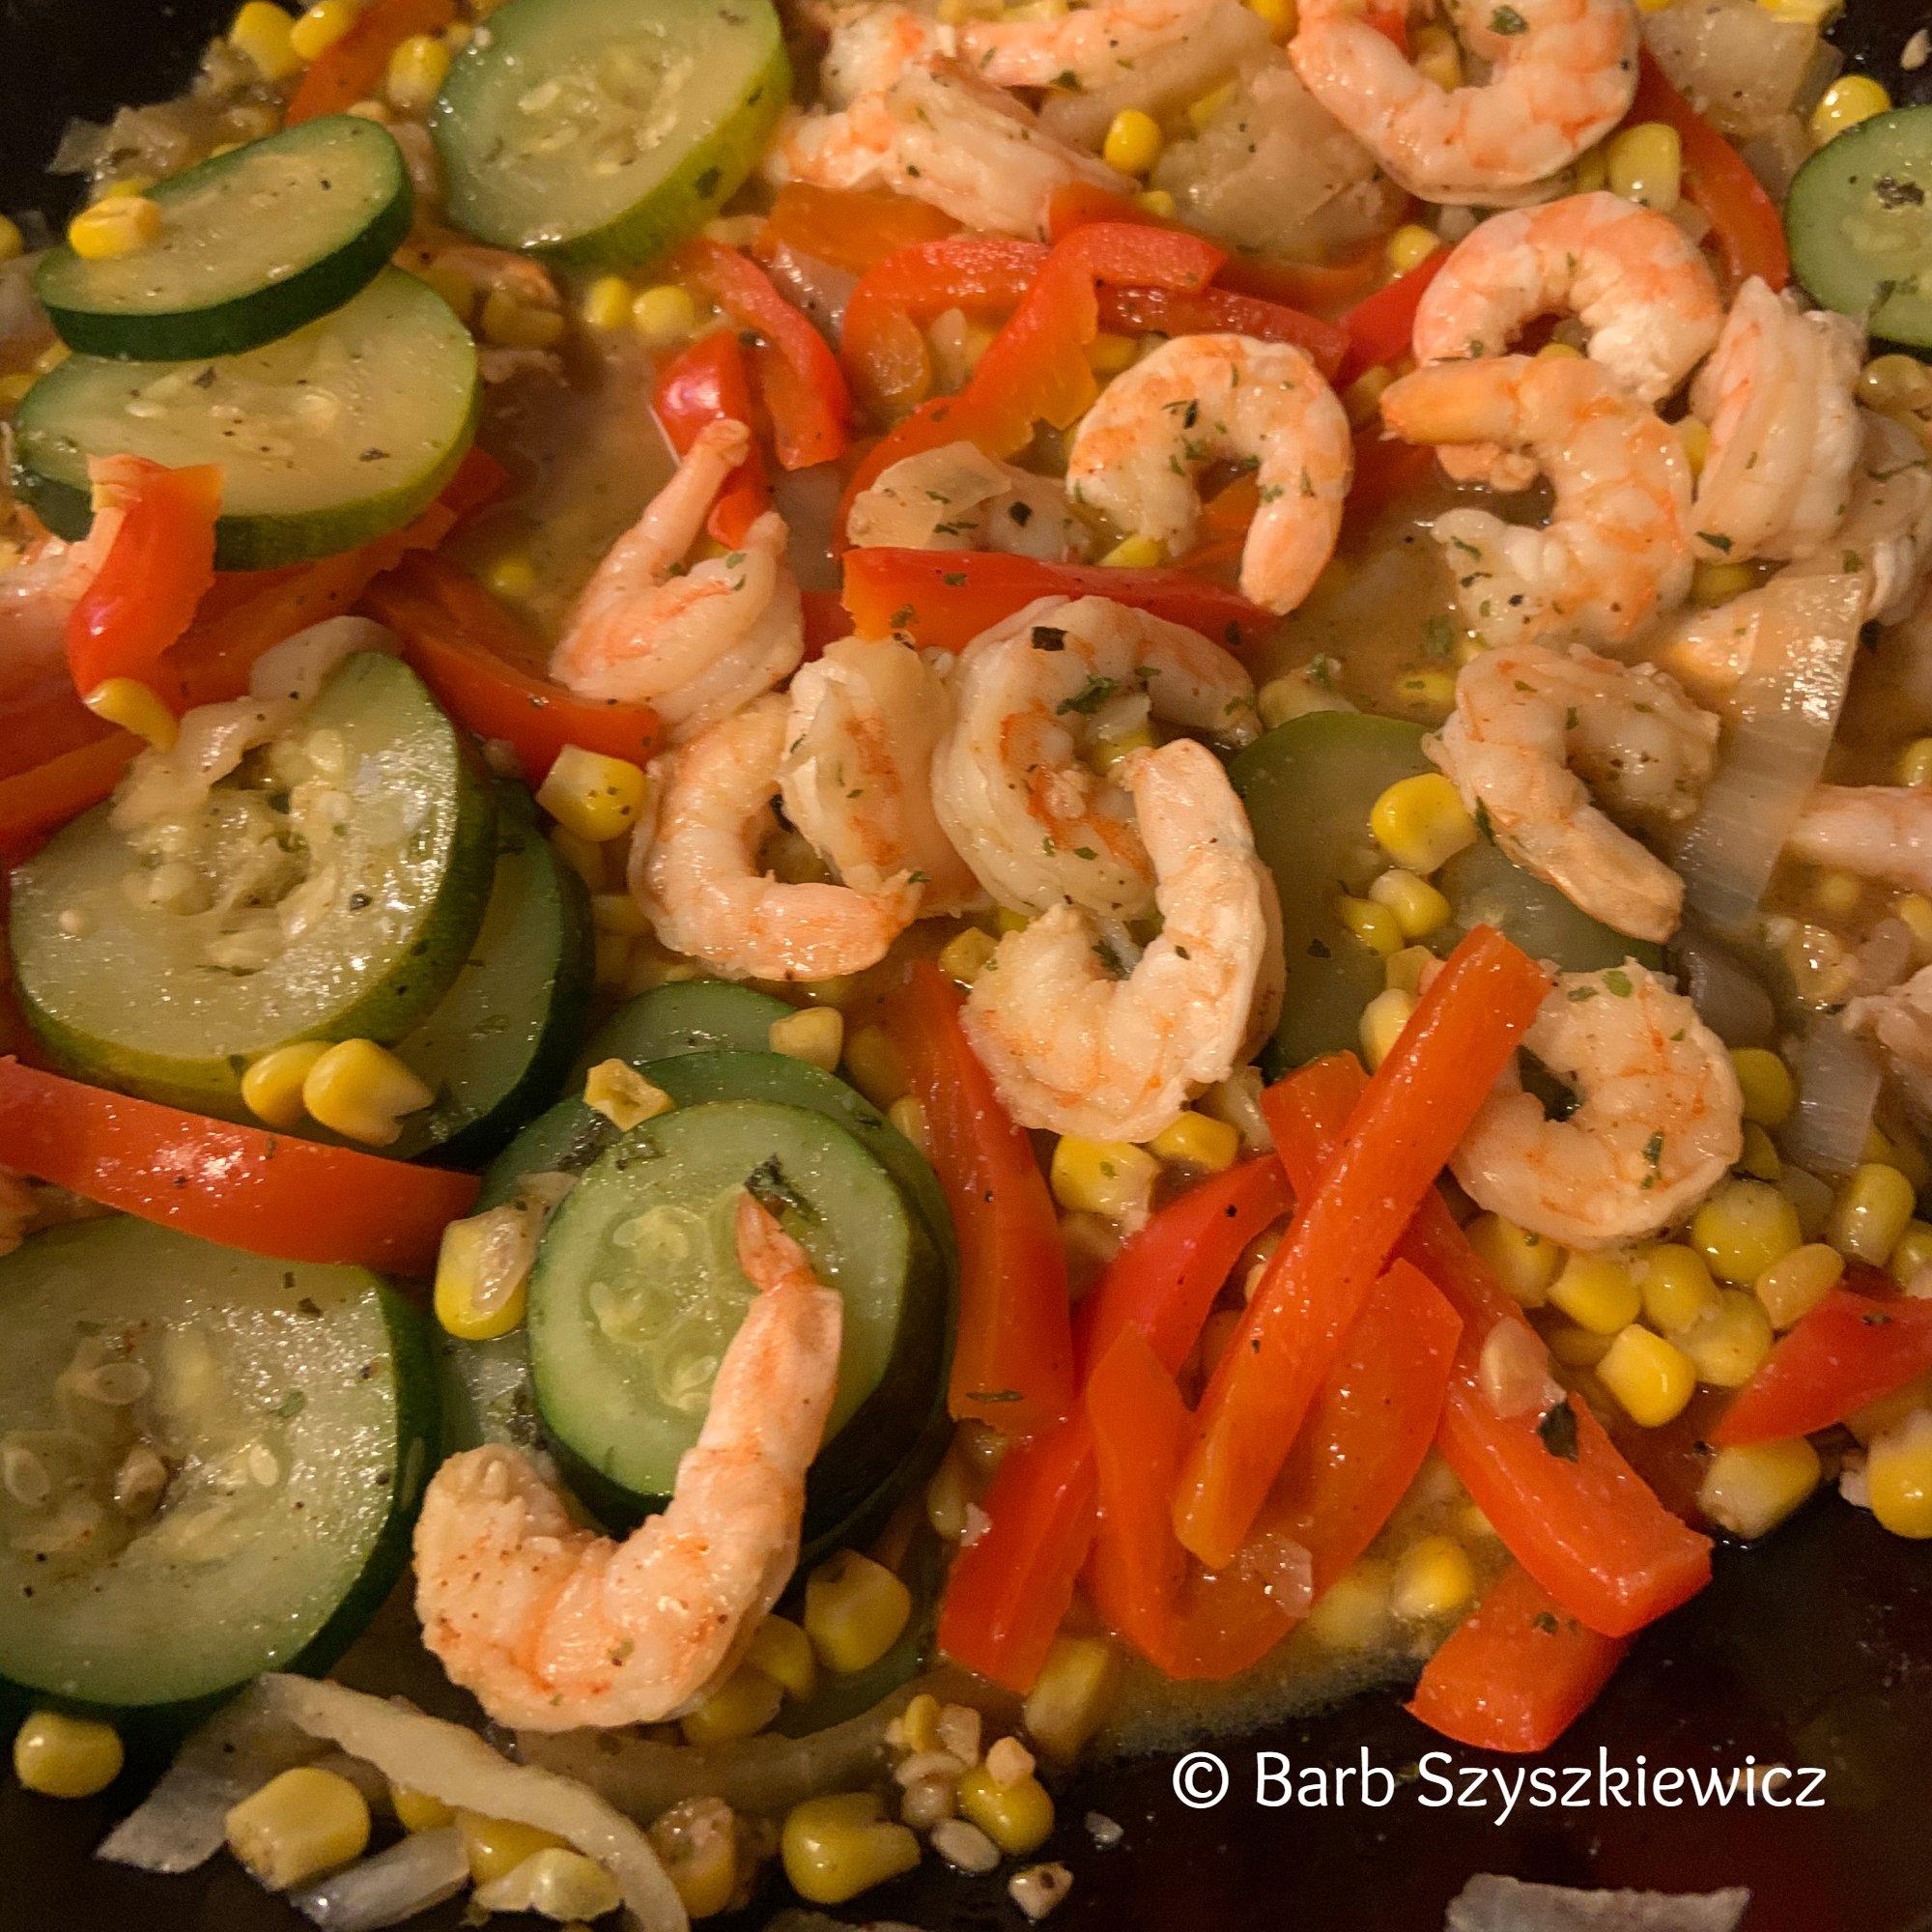 cajun shrimp and vegetables